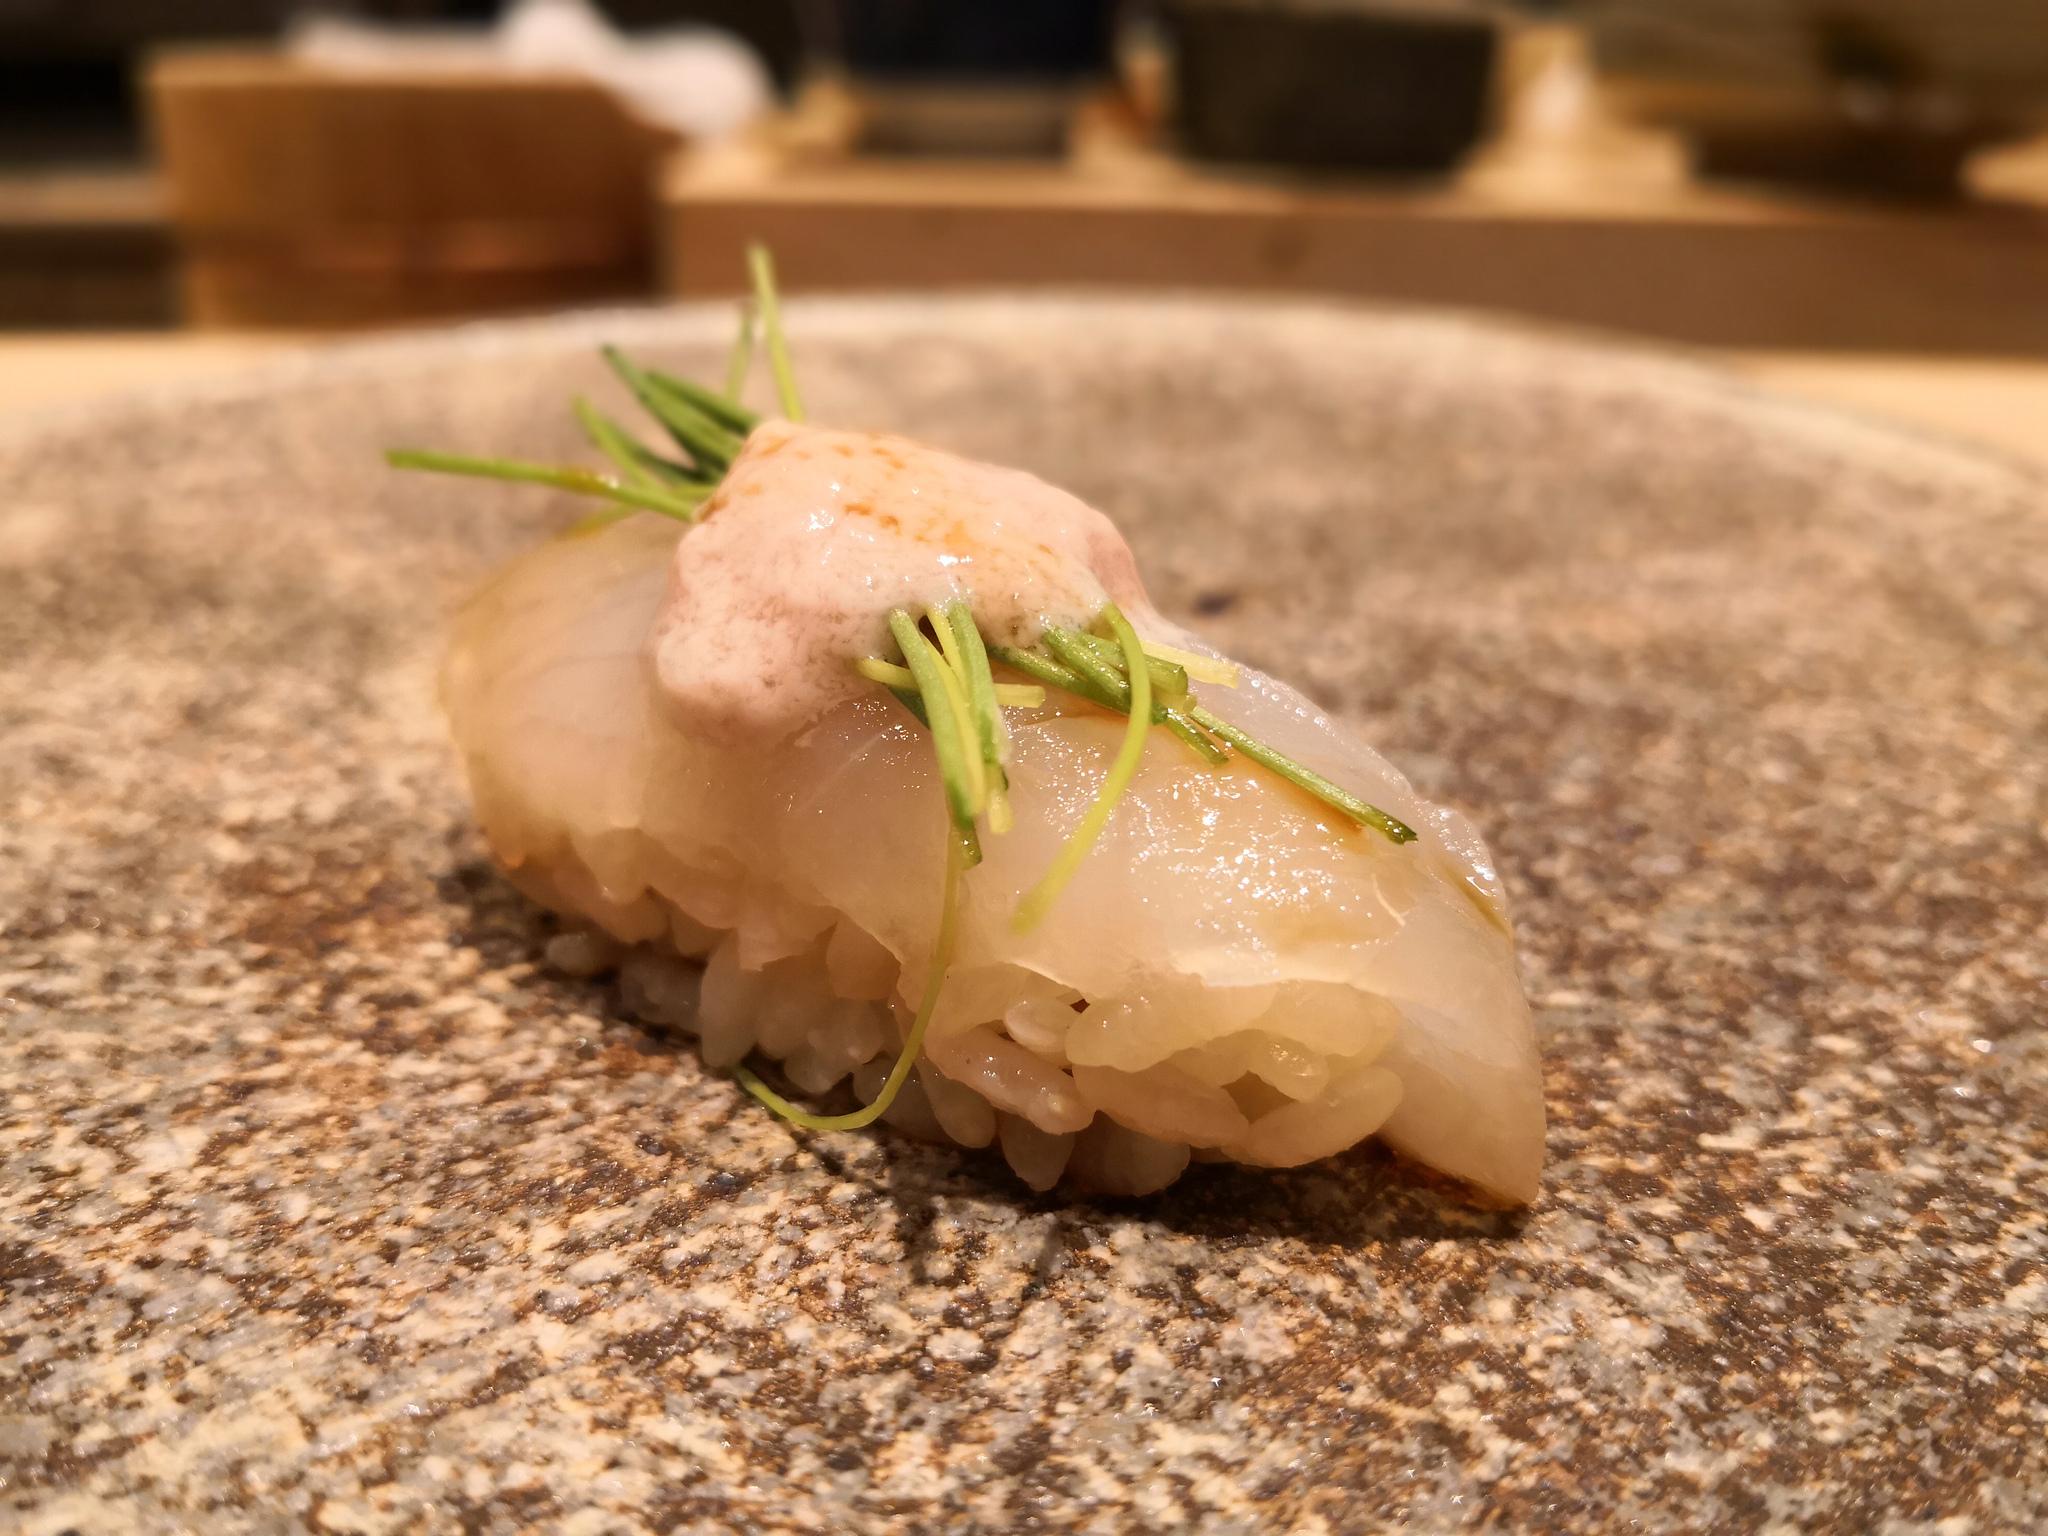 【赤坂】すし晴@貸切で再訪。ネタよし仕事よしお酒よしの大好きなお寿司屋さん。